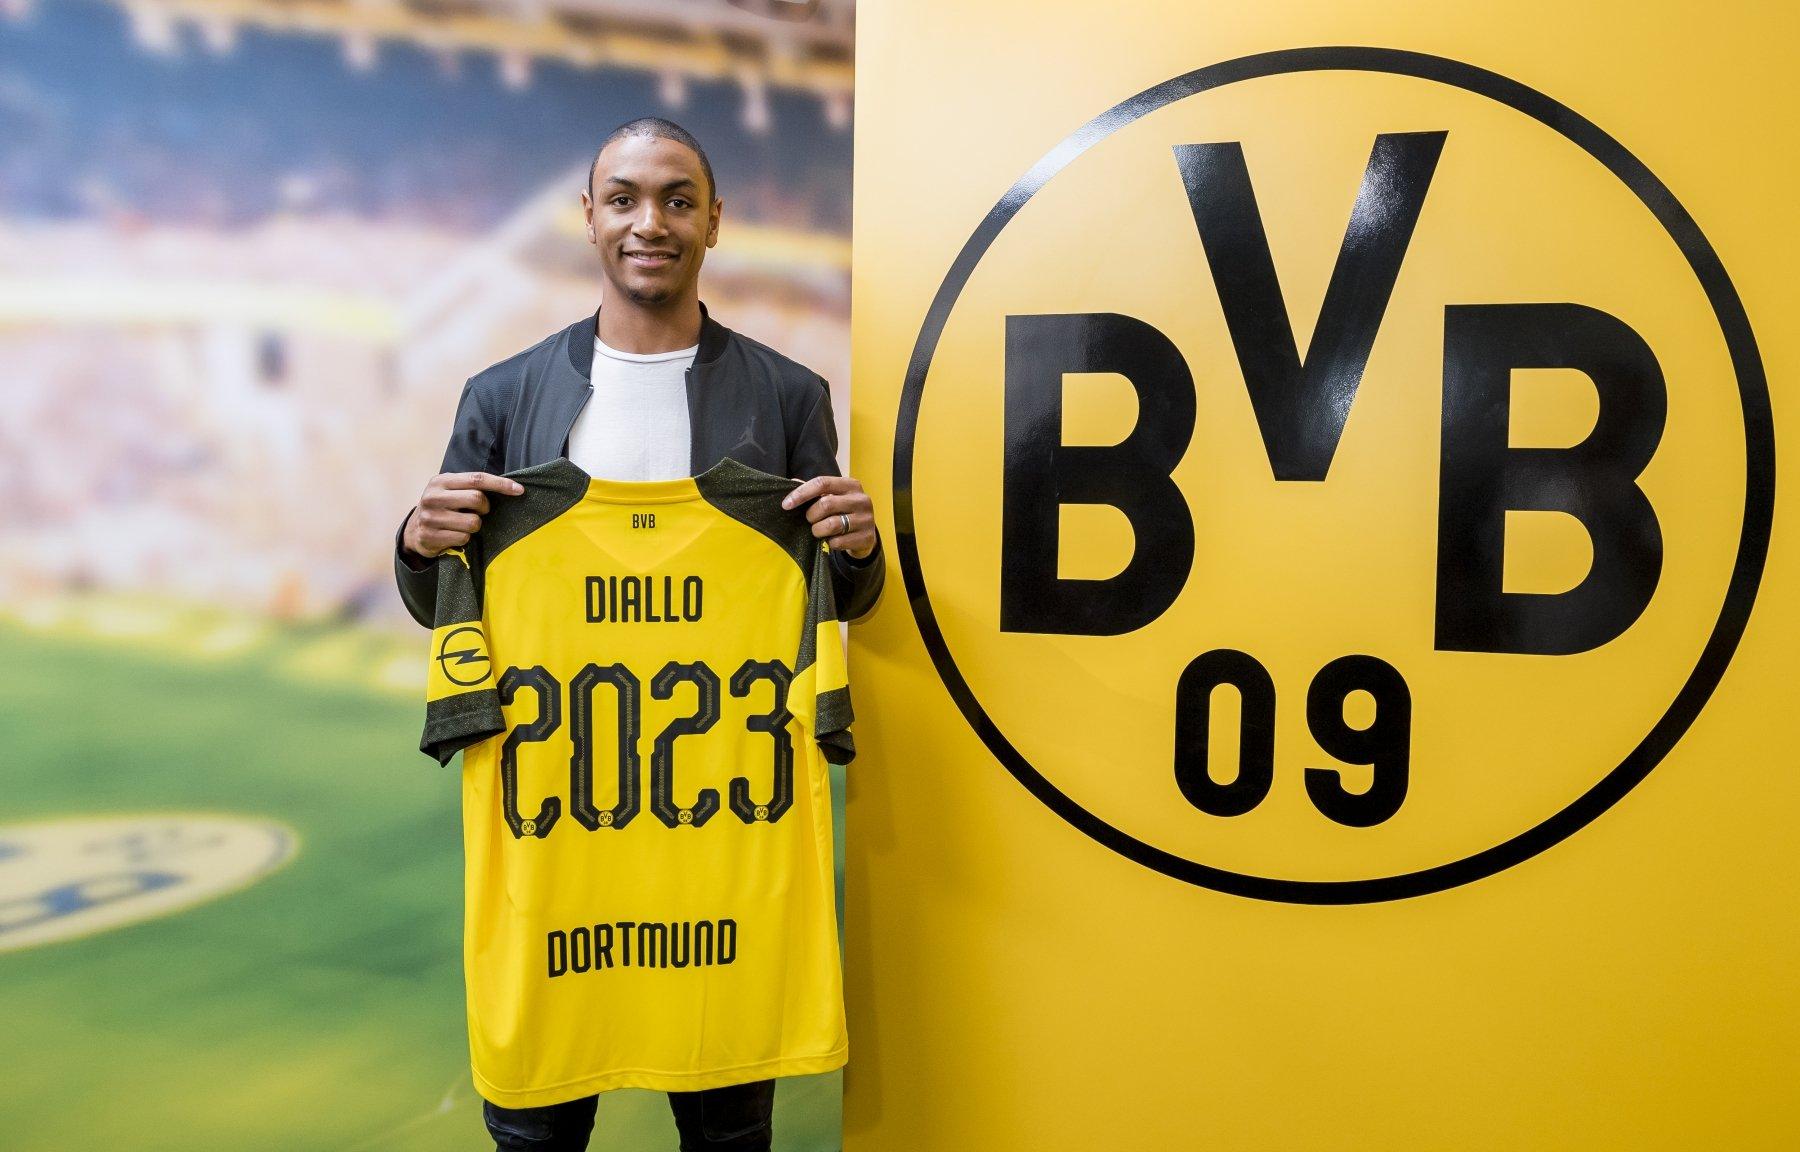 Abdou Diallo (Foto: Borussia Dortmund)